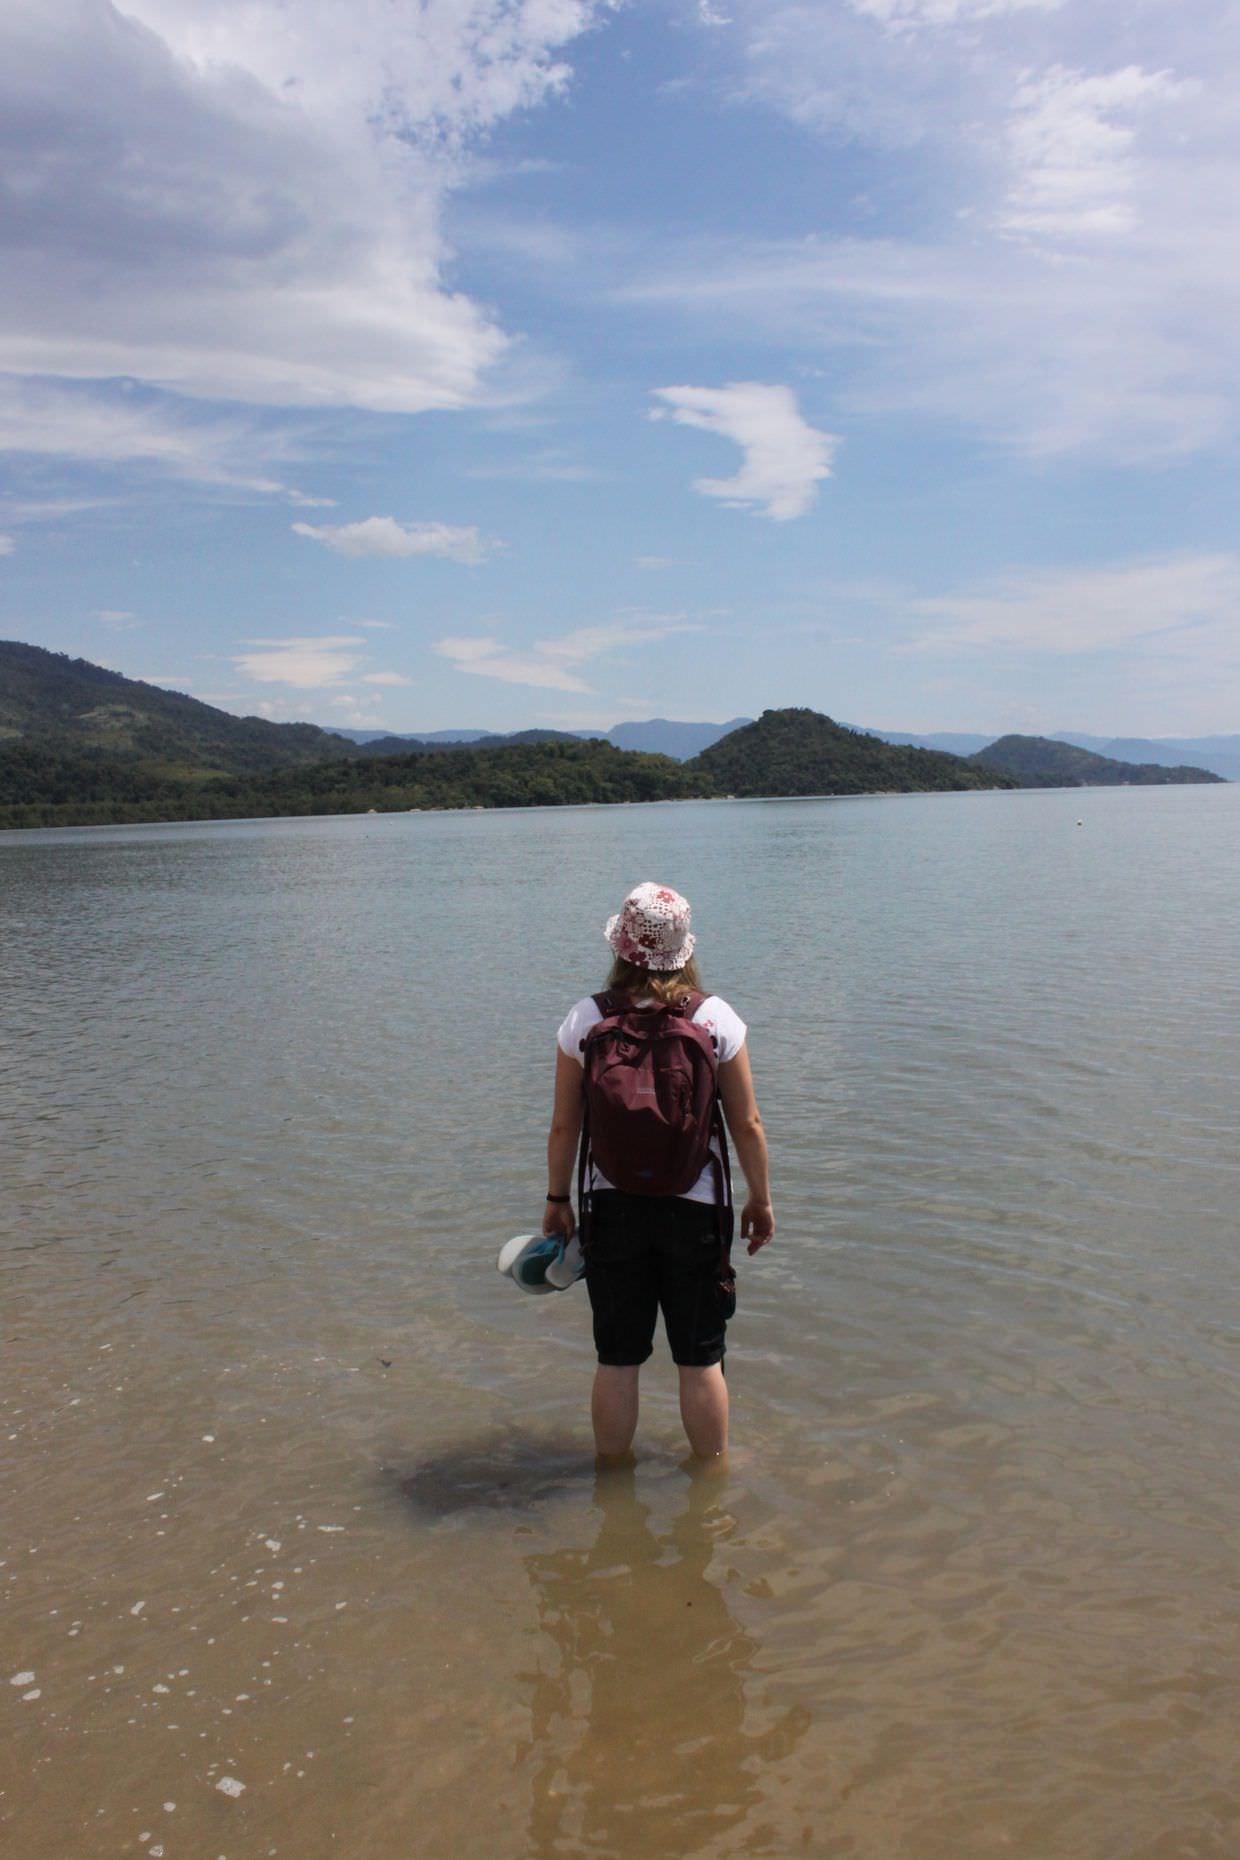 Sam on Praia do Jabaquara